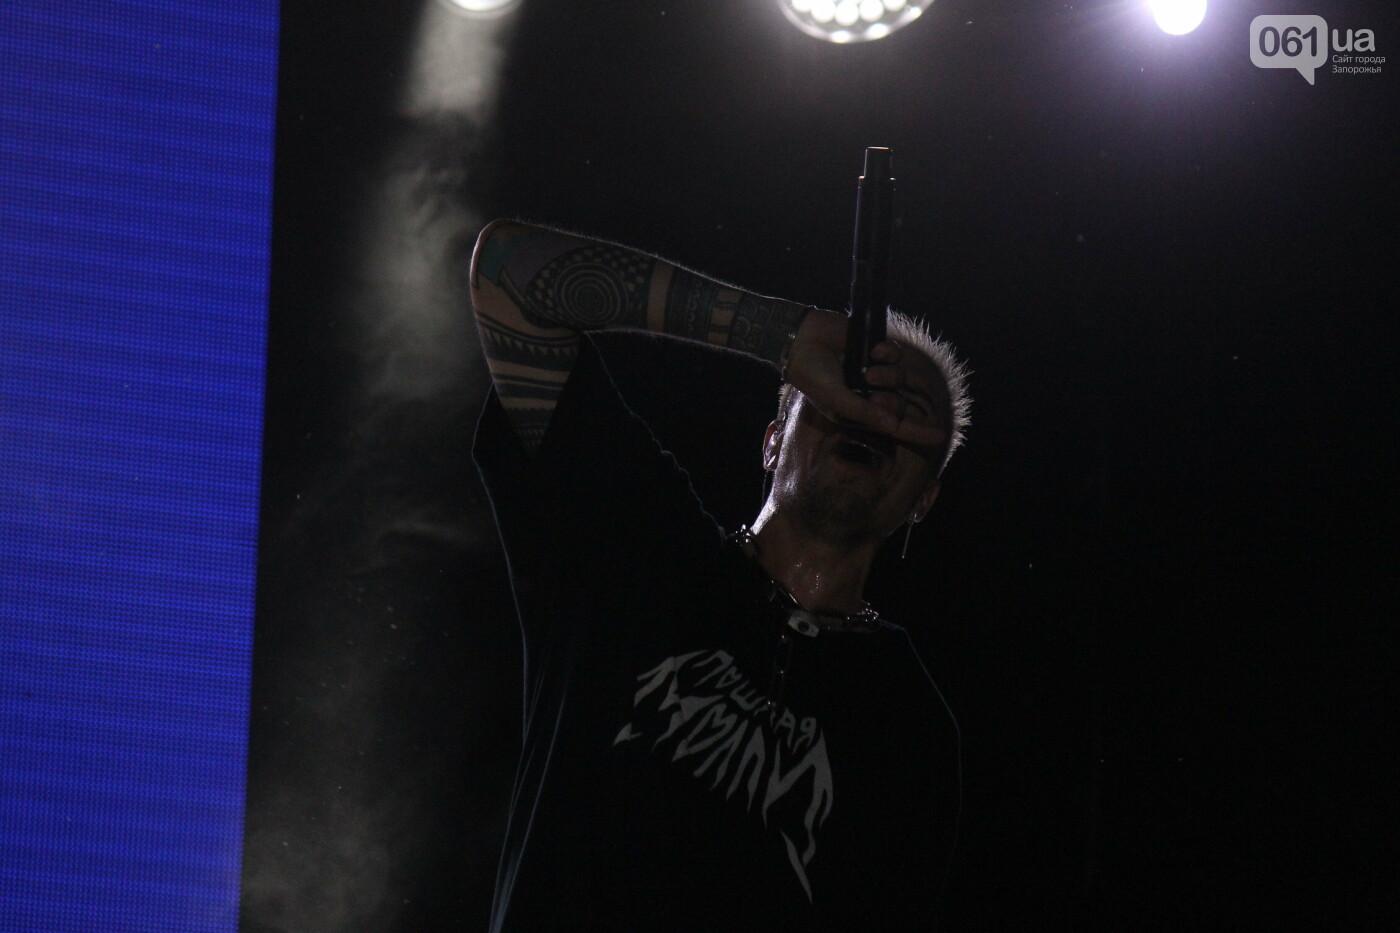 Макс Барских, «АГОНЬ» и TAYANNA: как в Запорожье прошел фестиваль «Пляжный Бум», – ФОТОРЕПОРТАЖ, фото-50